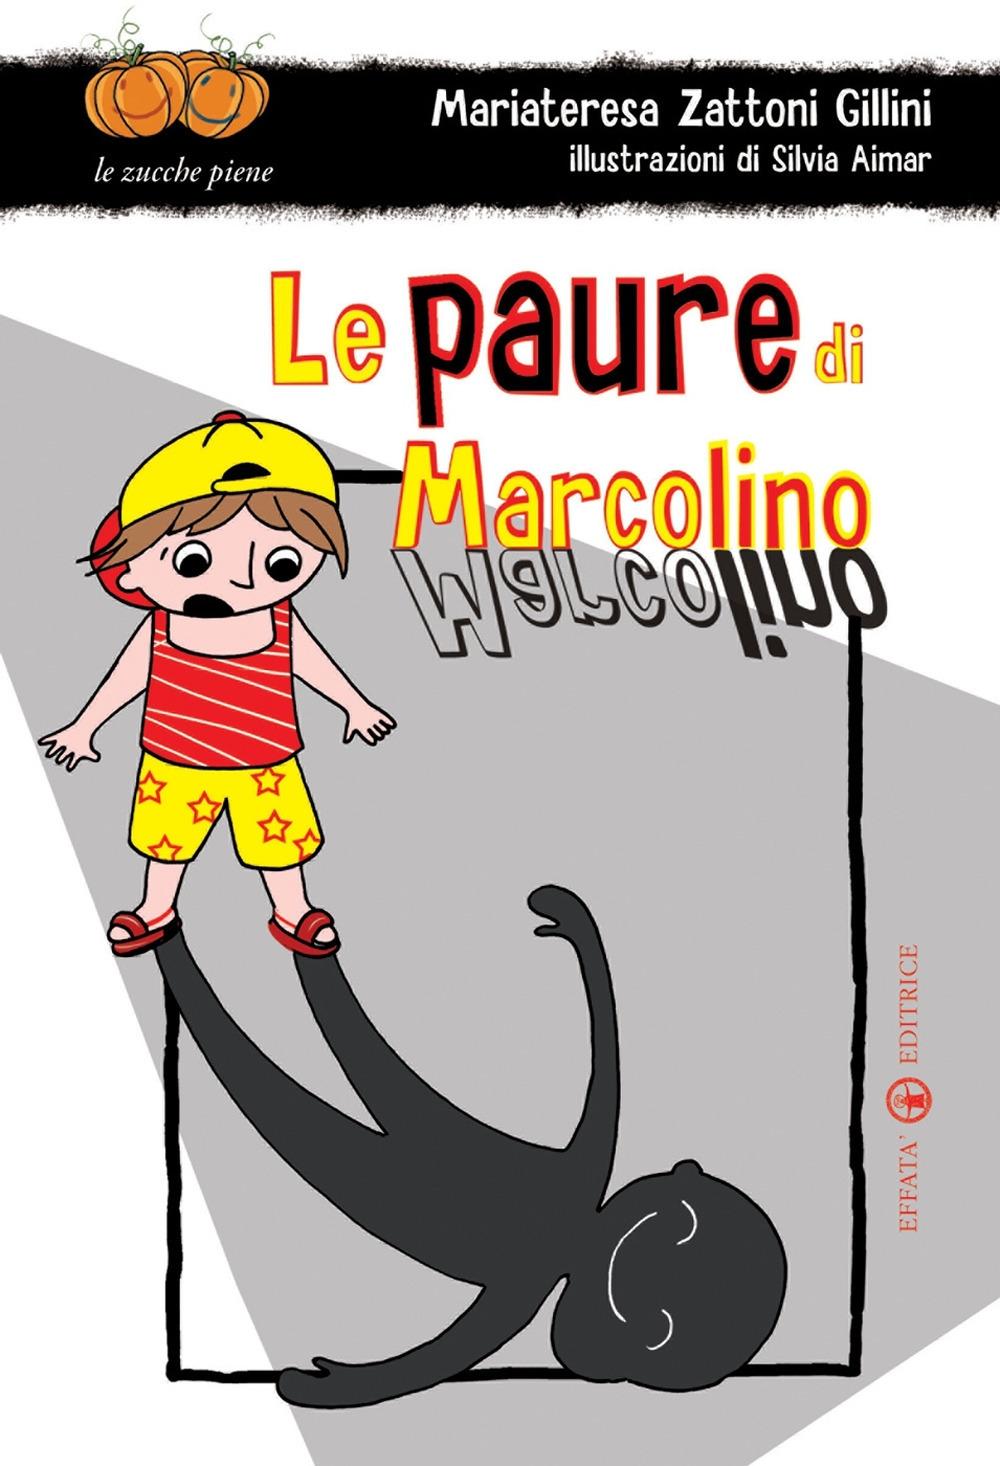 Le Paure di Marcolino.